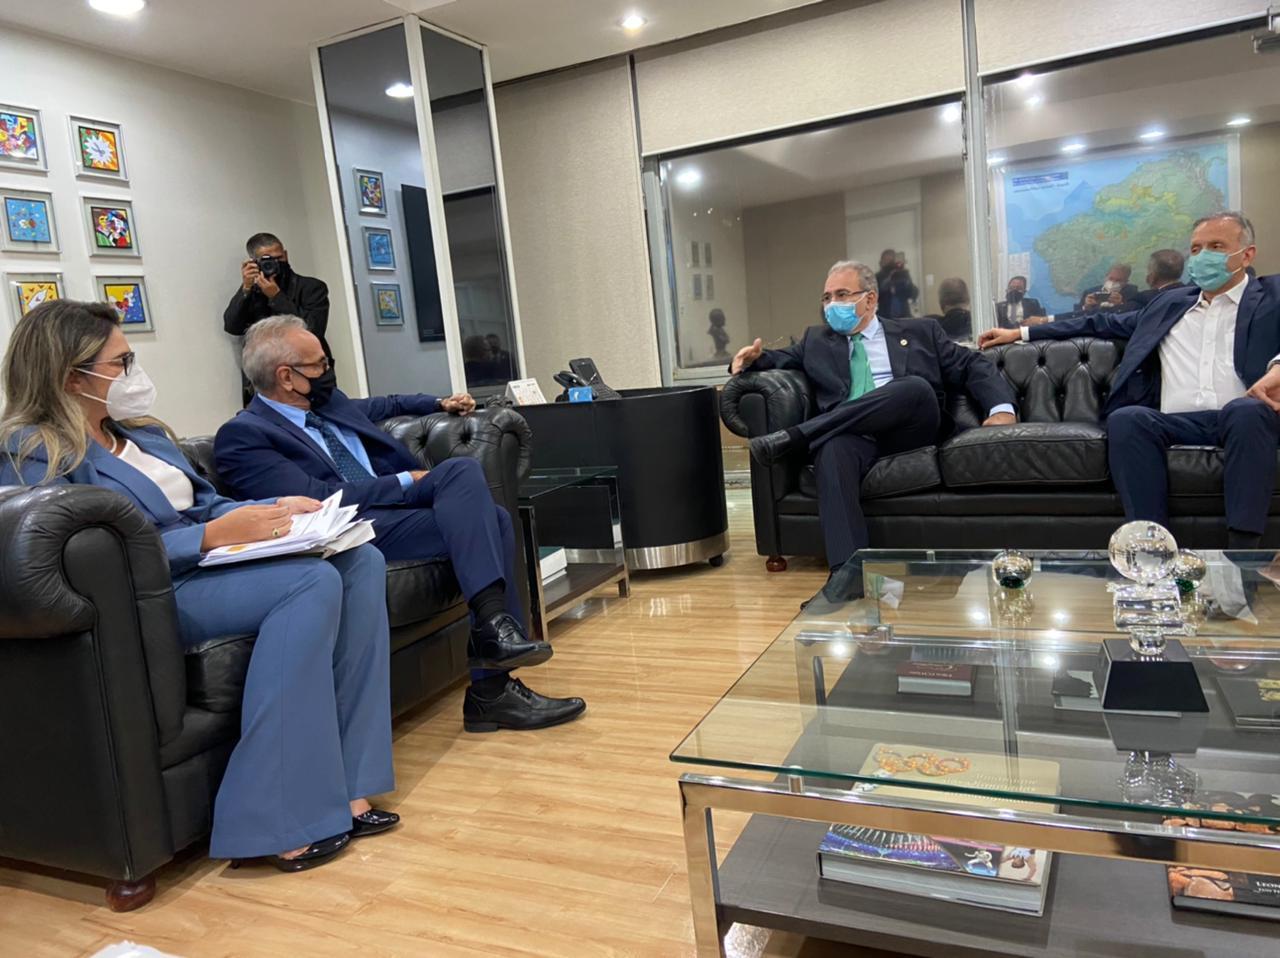 WhatsApp Image 2021 04 14 at 18.42.03 1 - Covid-19: Cícero Lucena se reúne com Marcelo Queiroga e pede reforço na rede hospitalar em João Pessoa; VEJA VÍDEO